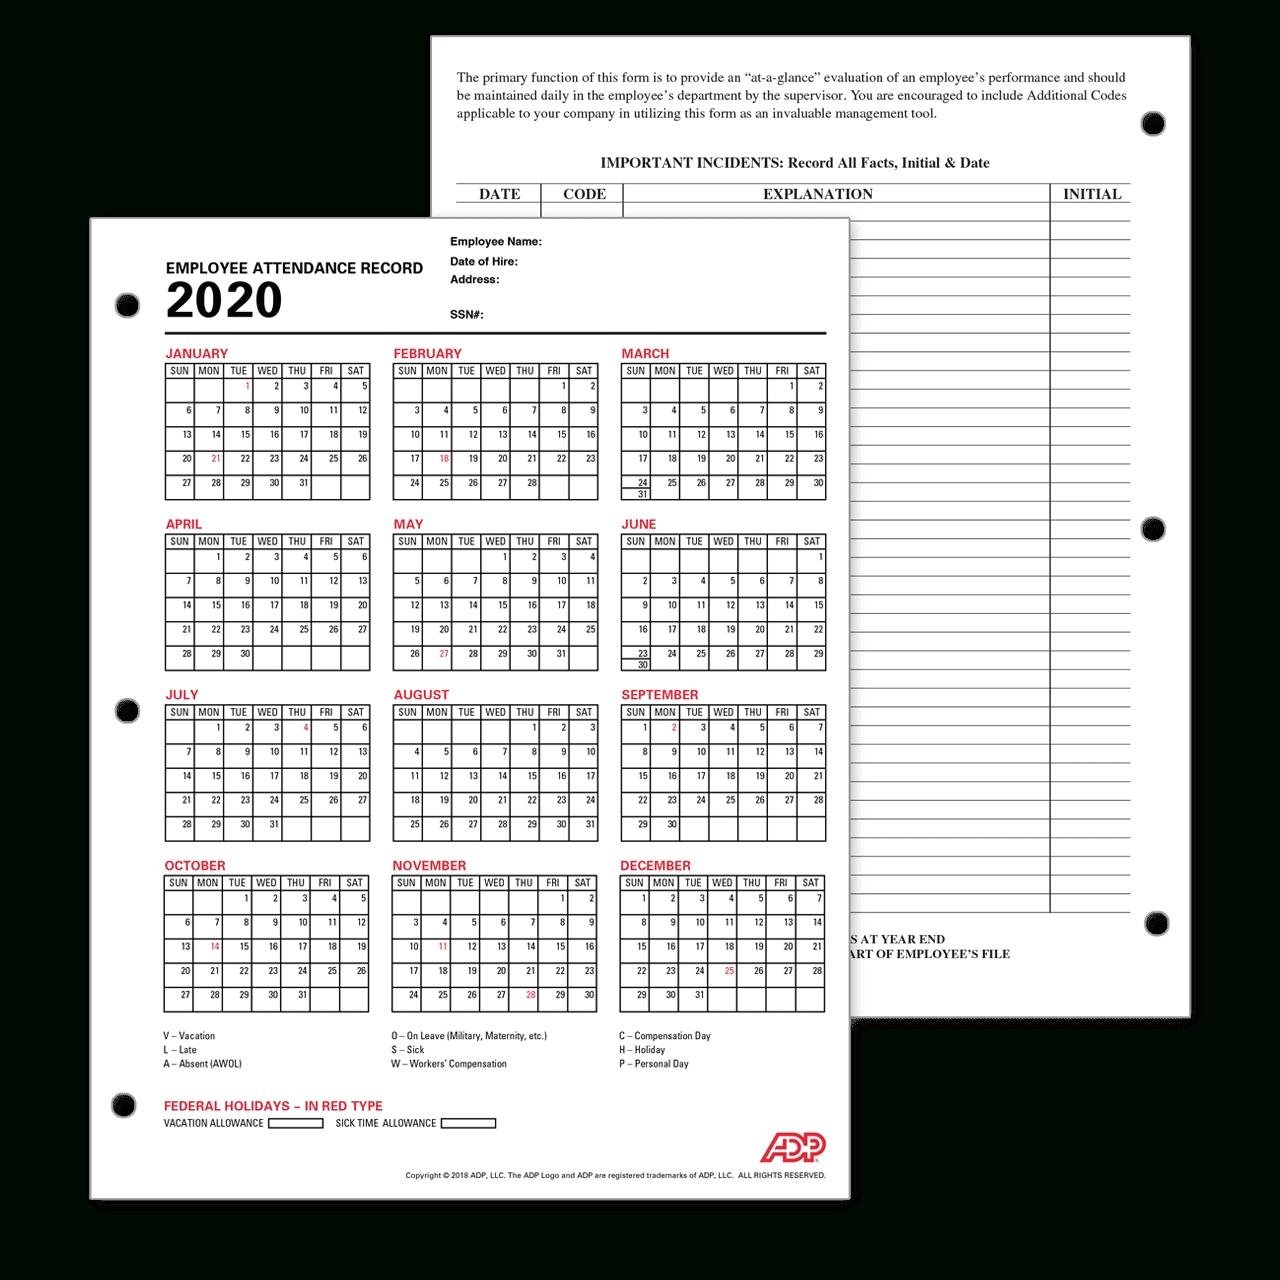 Adp Employee Attendance Record / Calendar intended for 2020 Employee Attendance Calendar Free